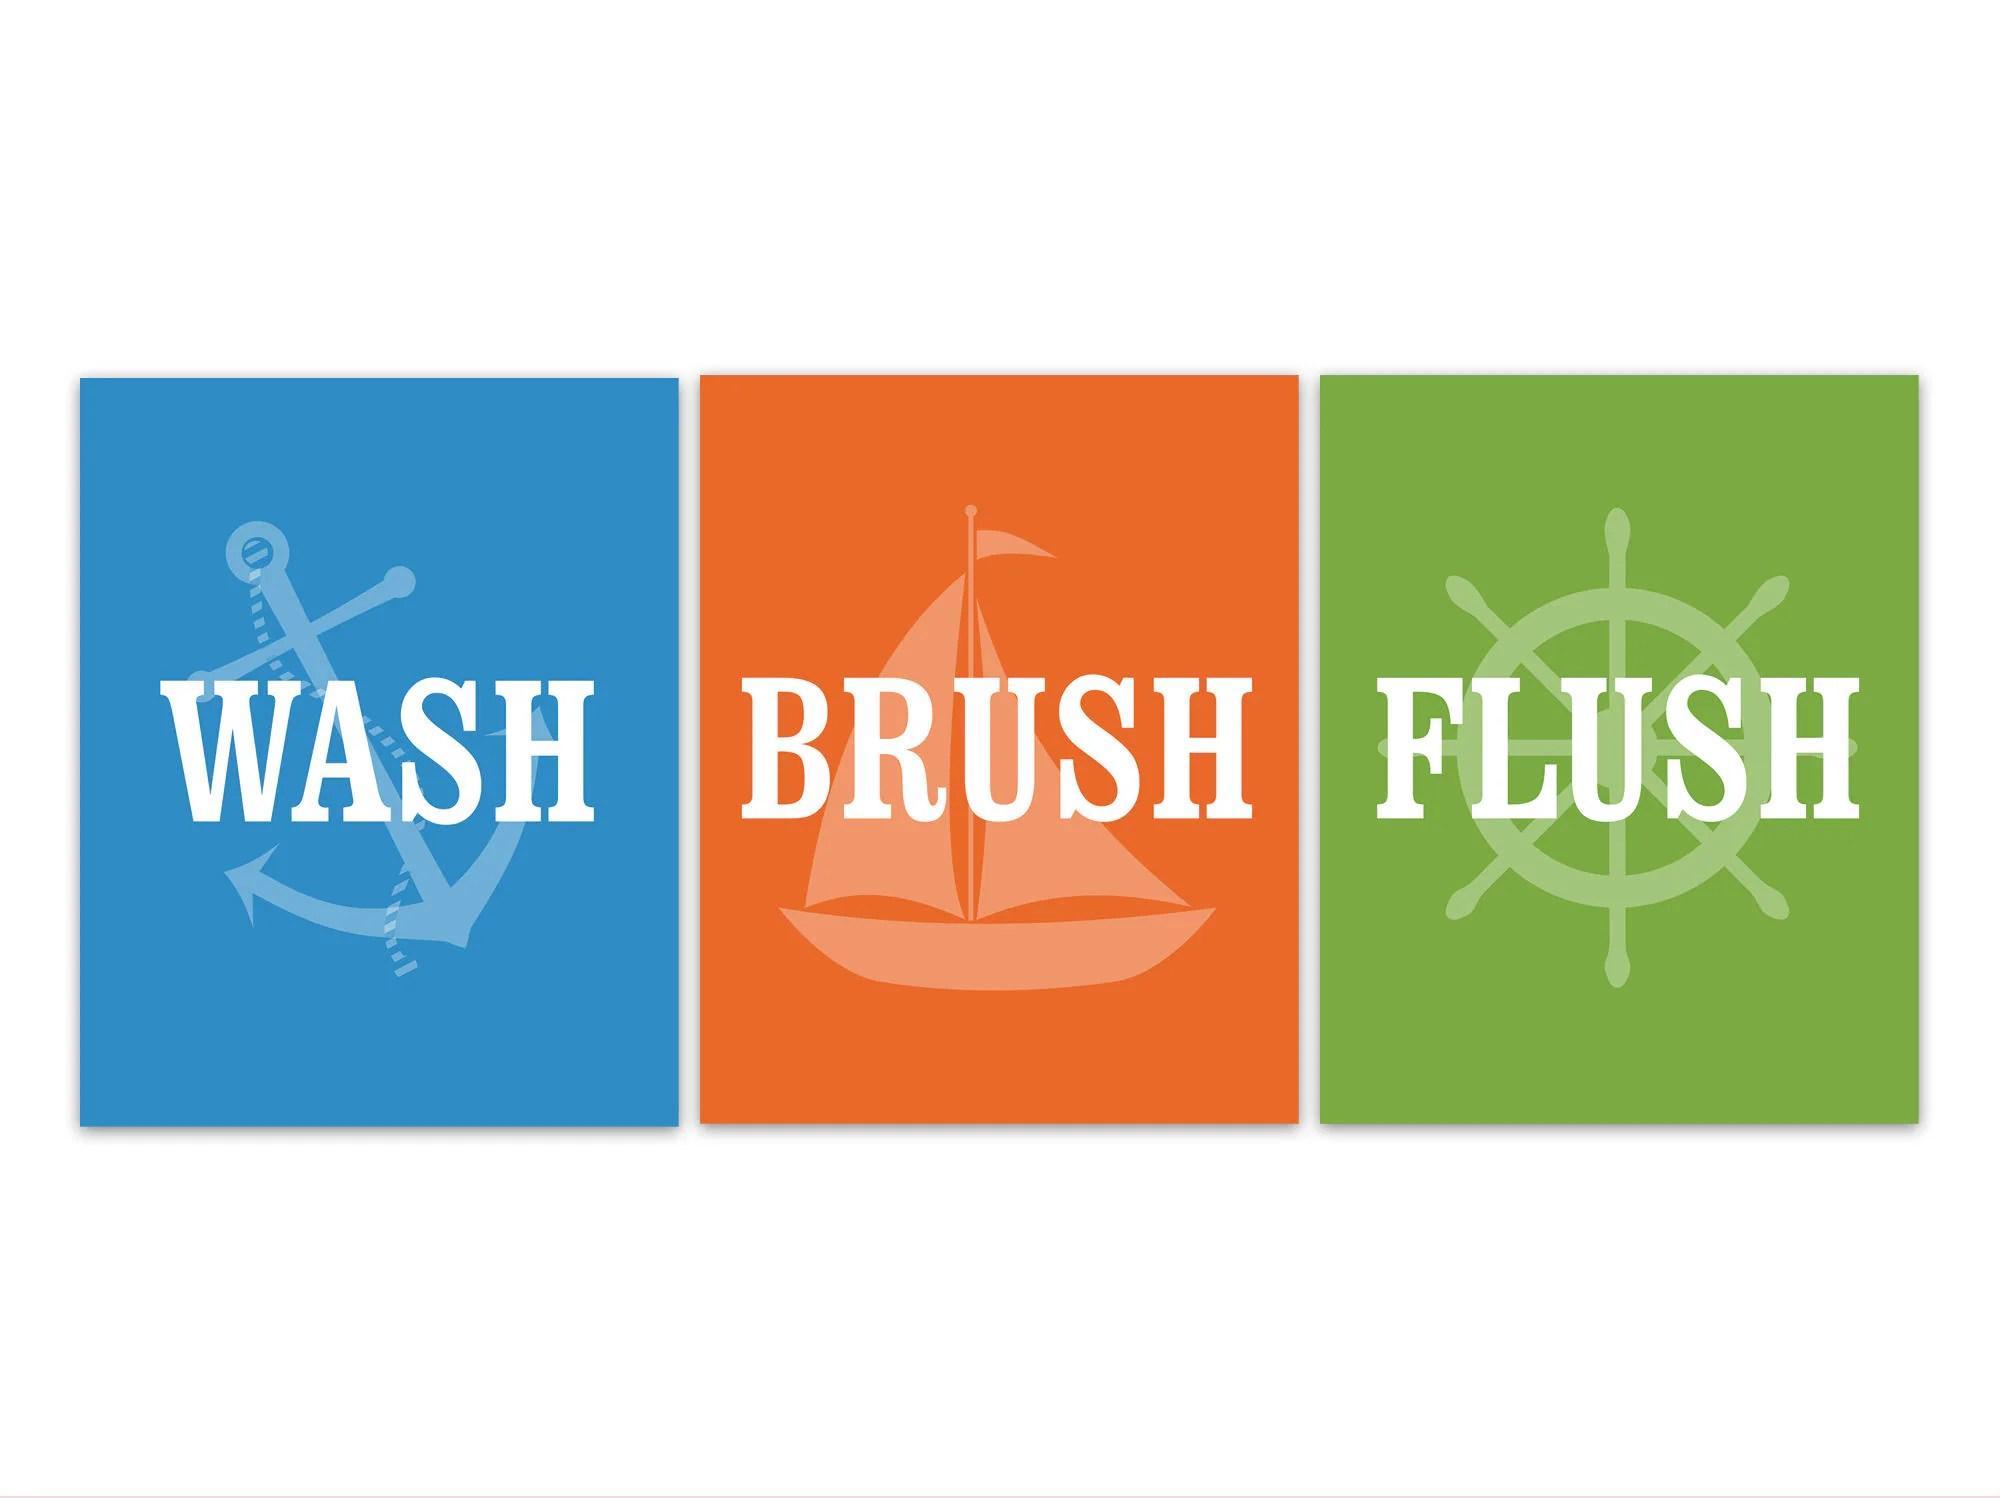 Boys Bathroom Wash Brush Flush Bathroom Rules Blue Orange